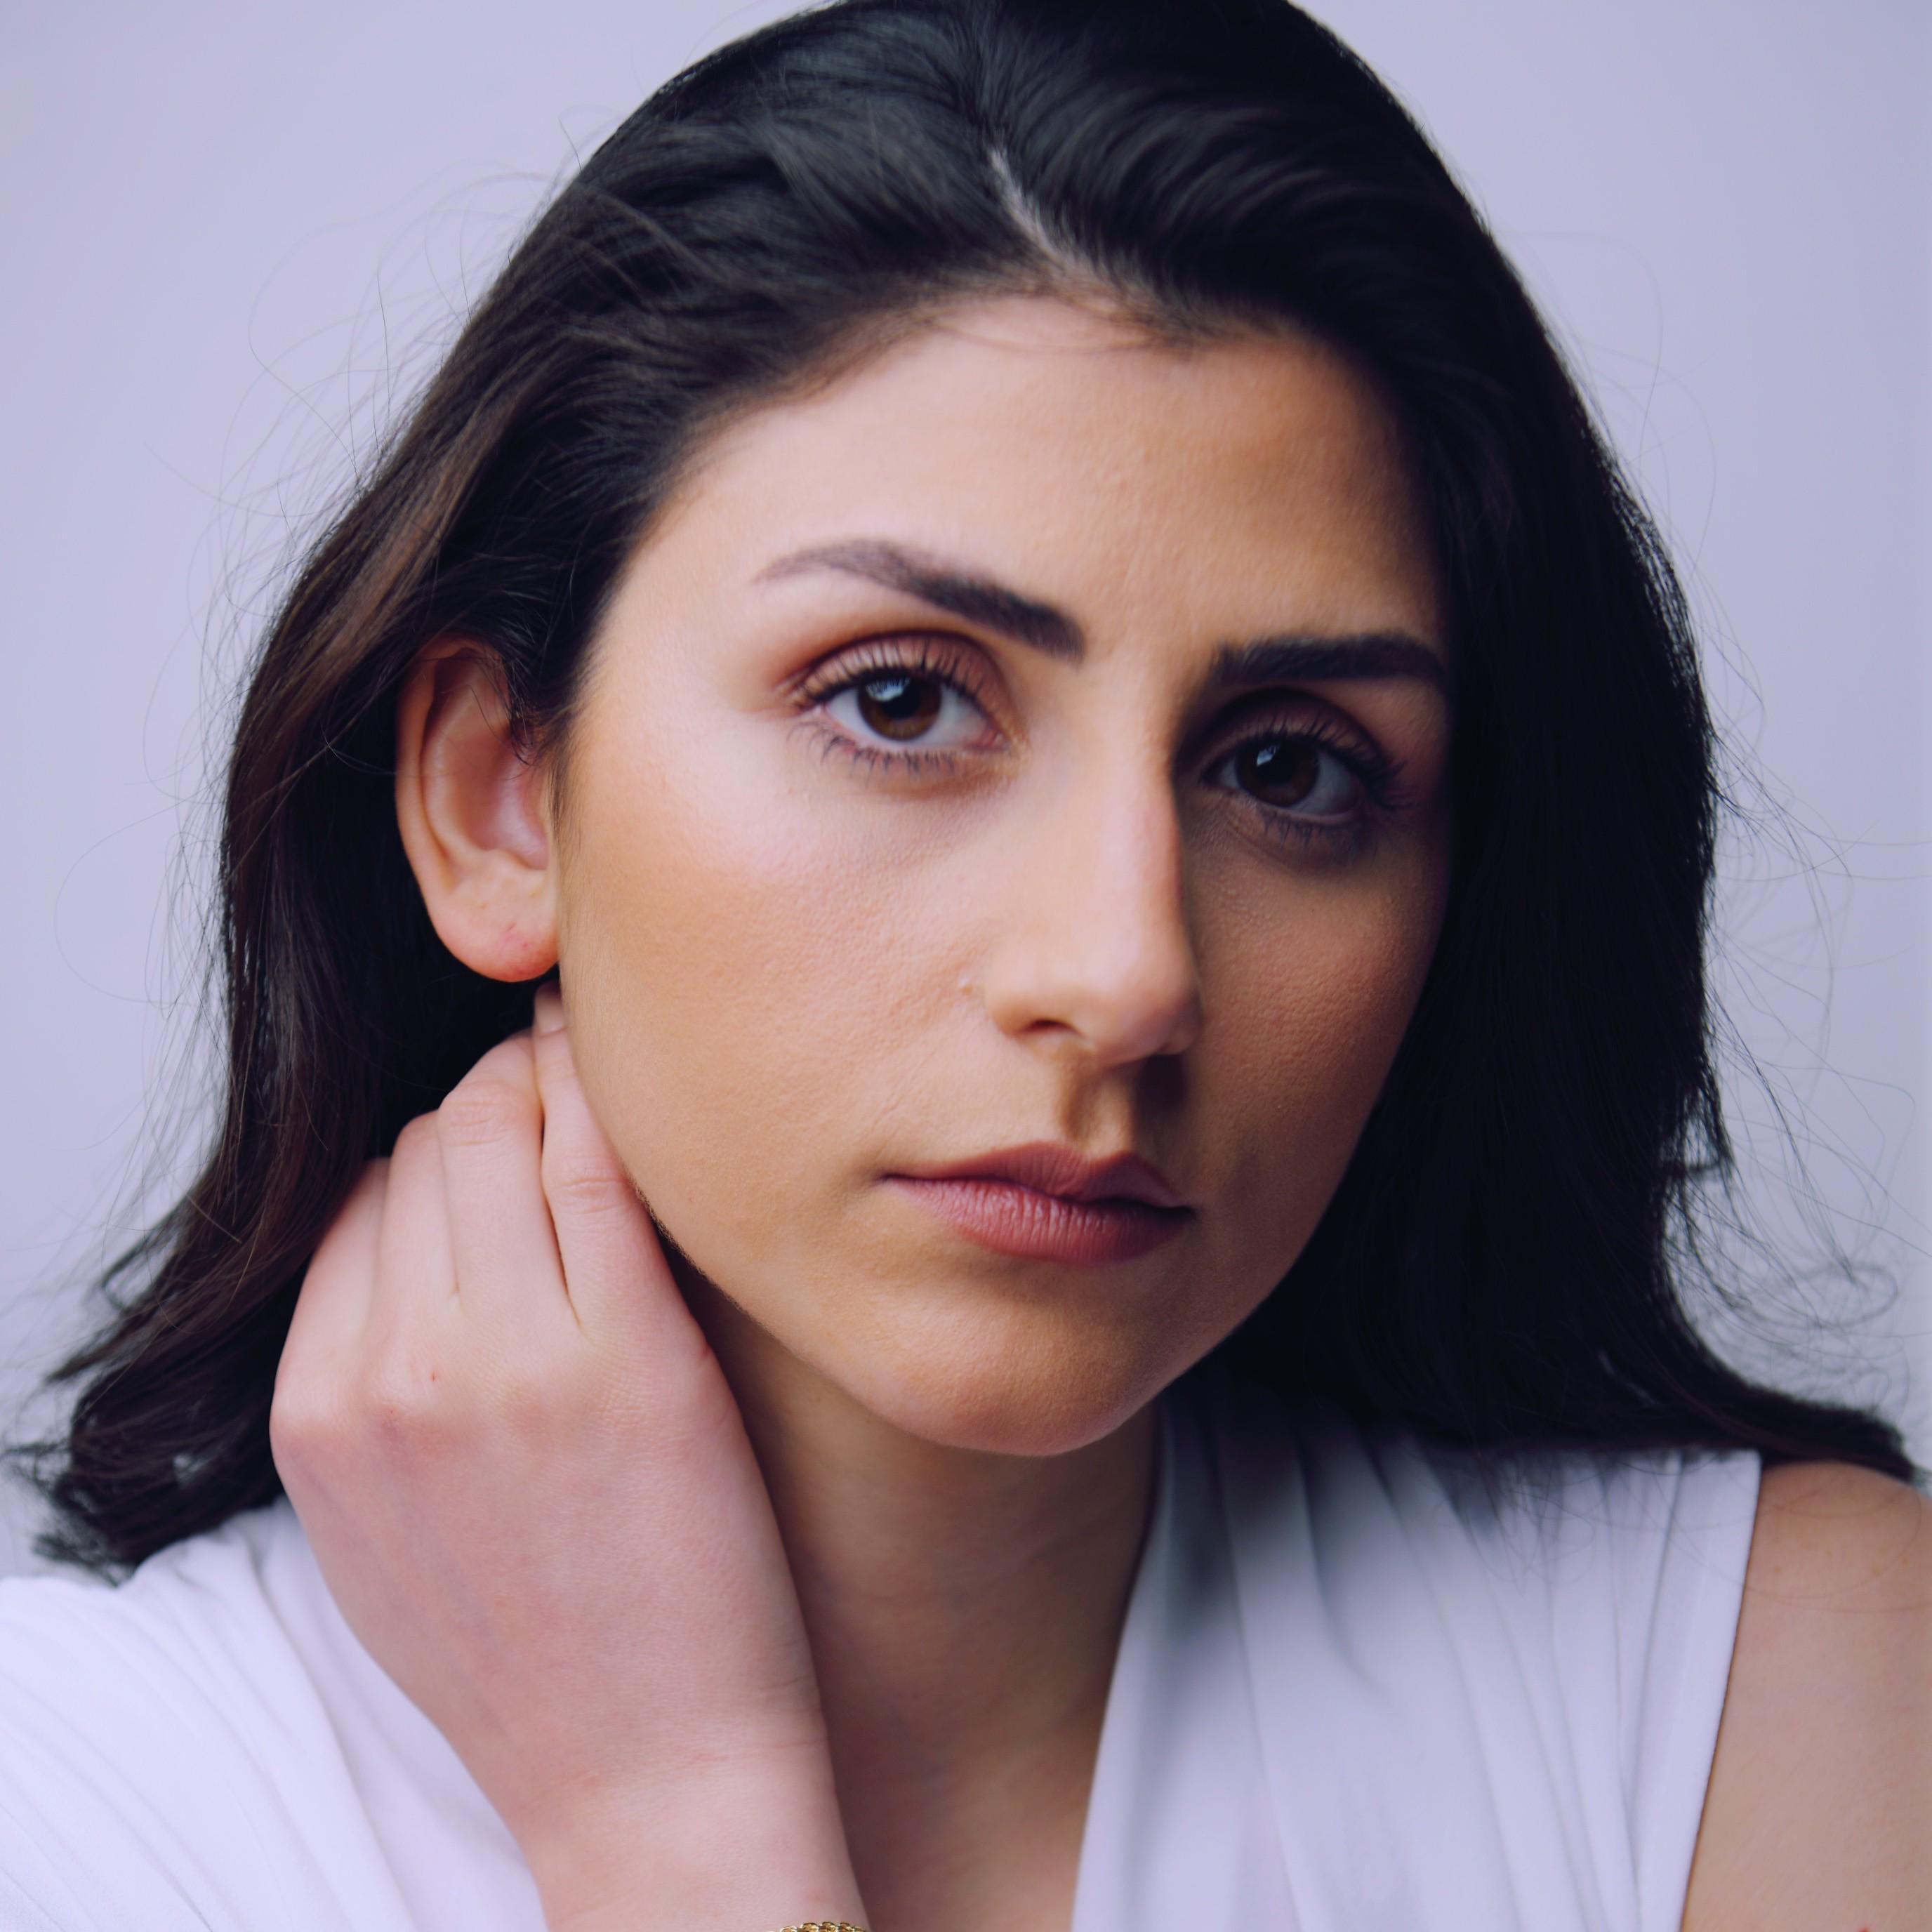 Farah Fadlallah